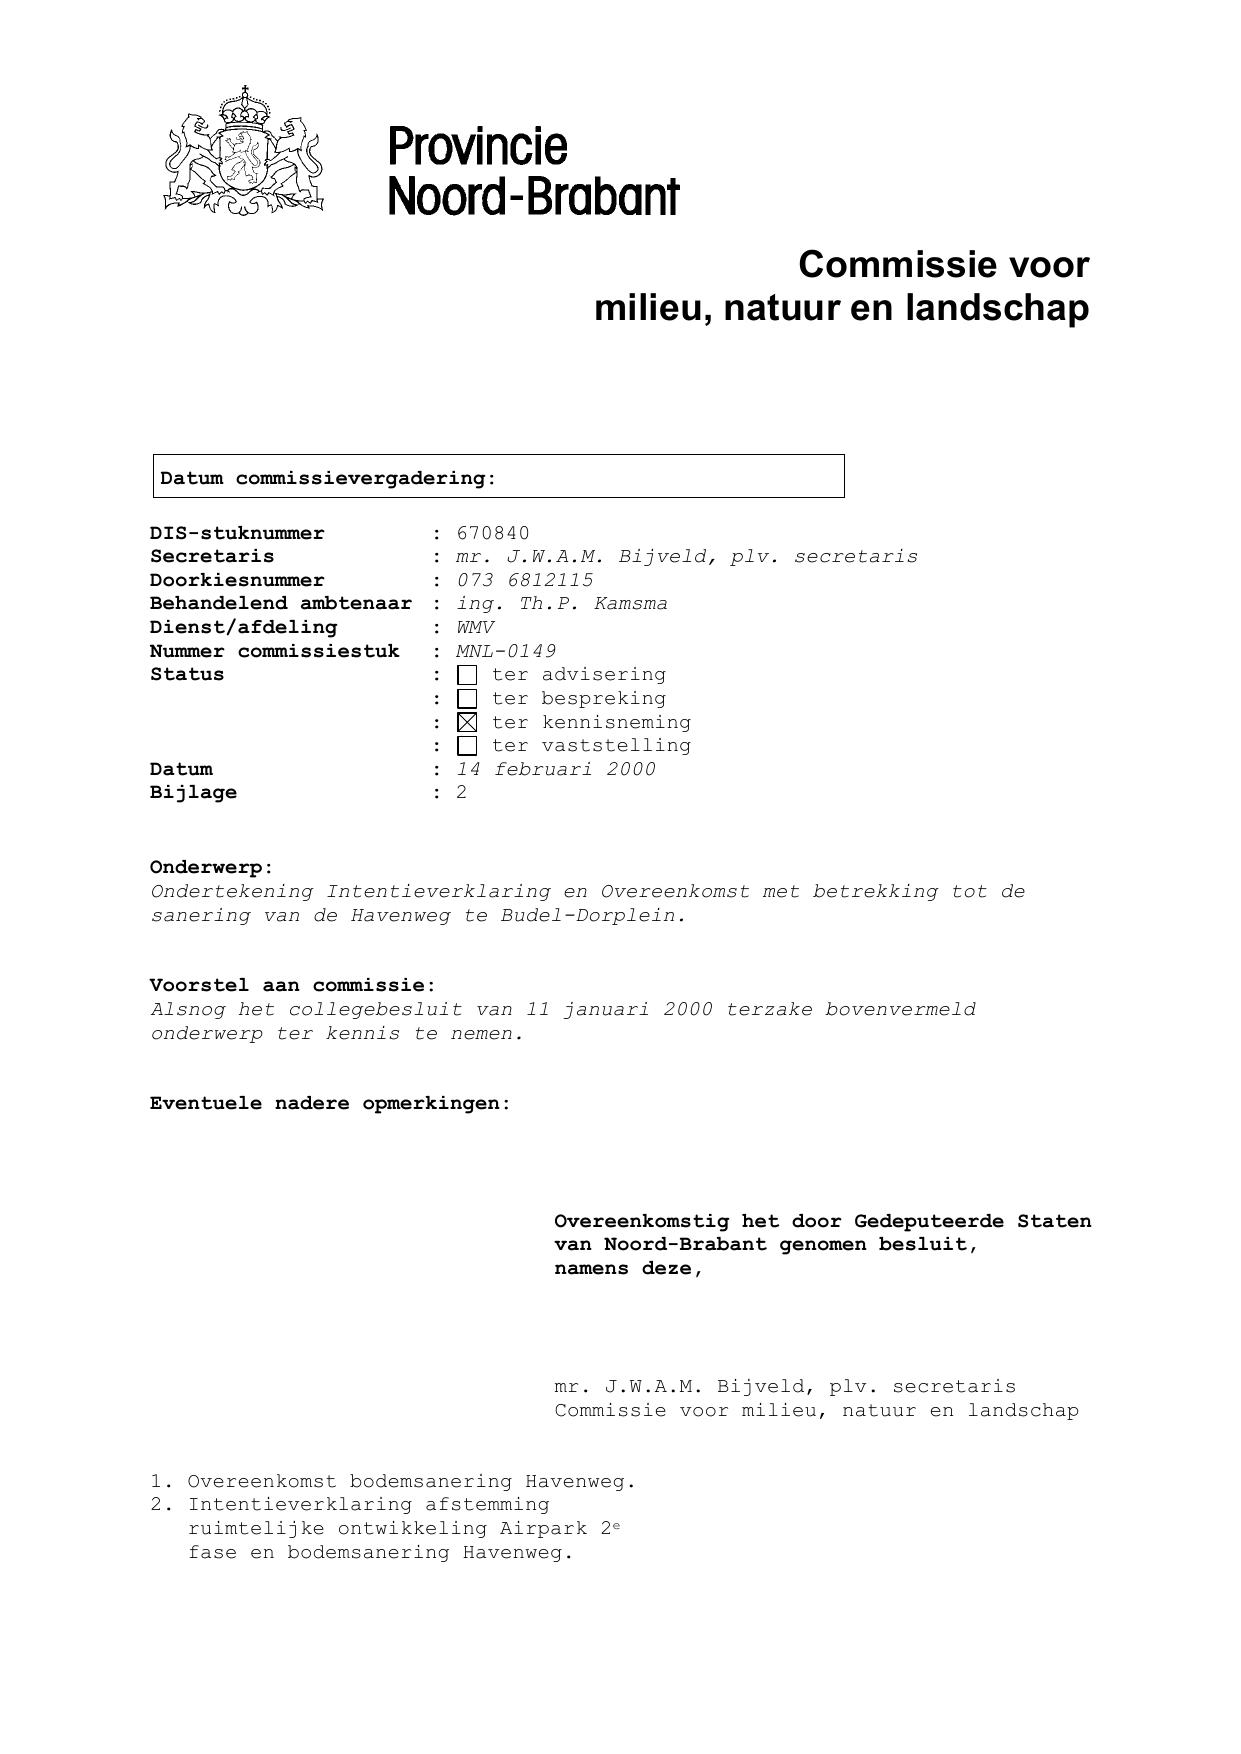 standaard intentieverklaring Standaard) Commissie voorbladen griffi   Provincie Noord